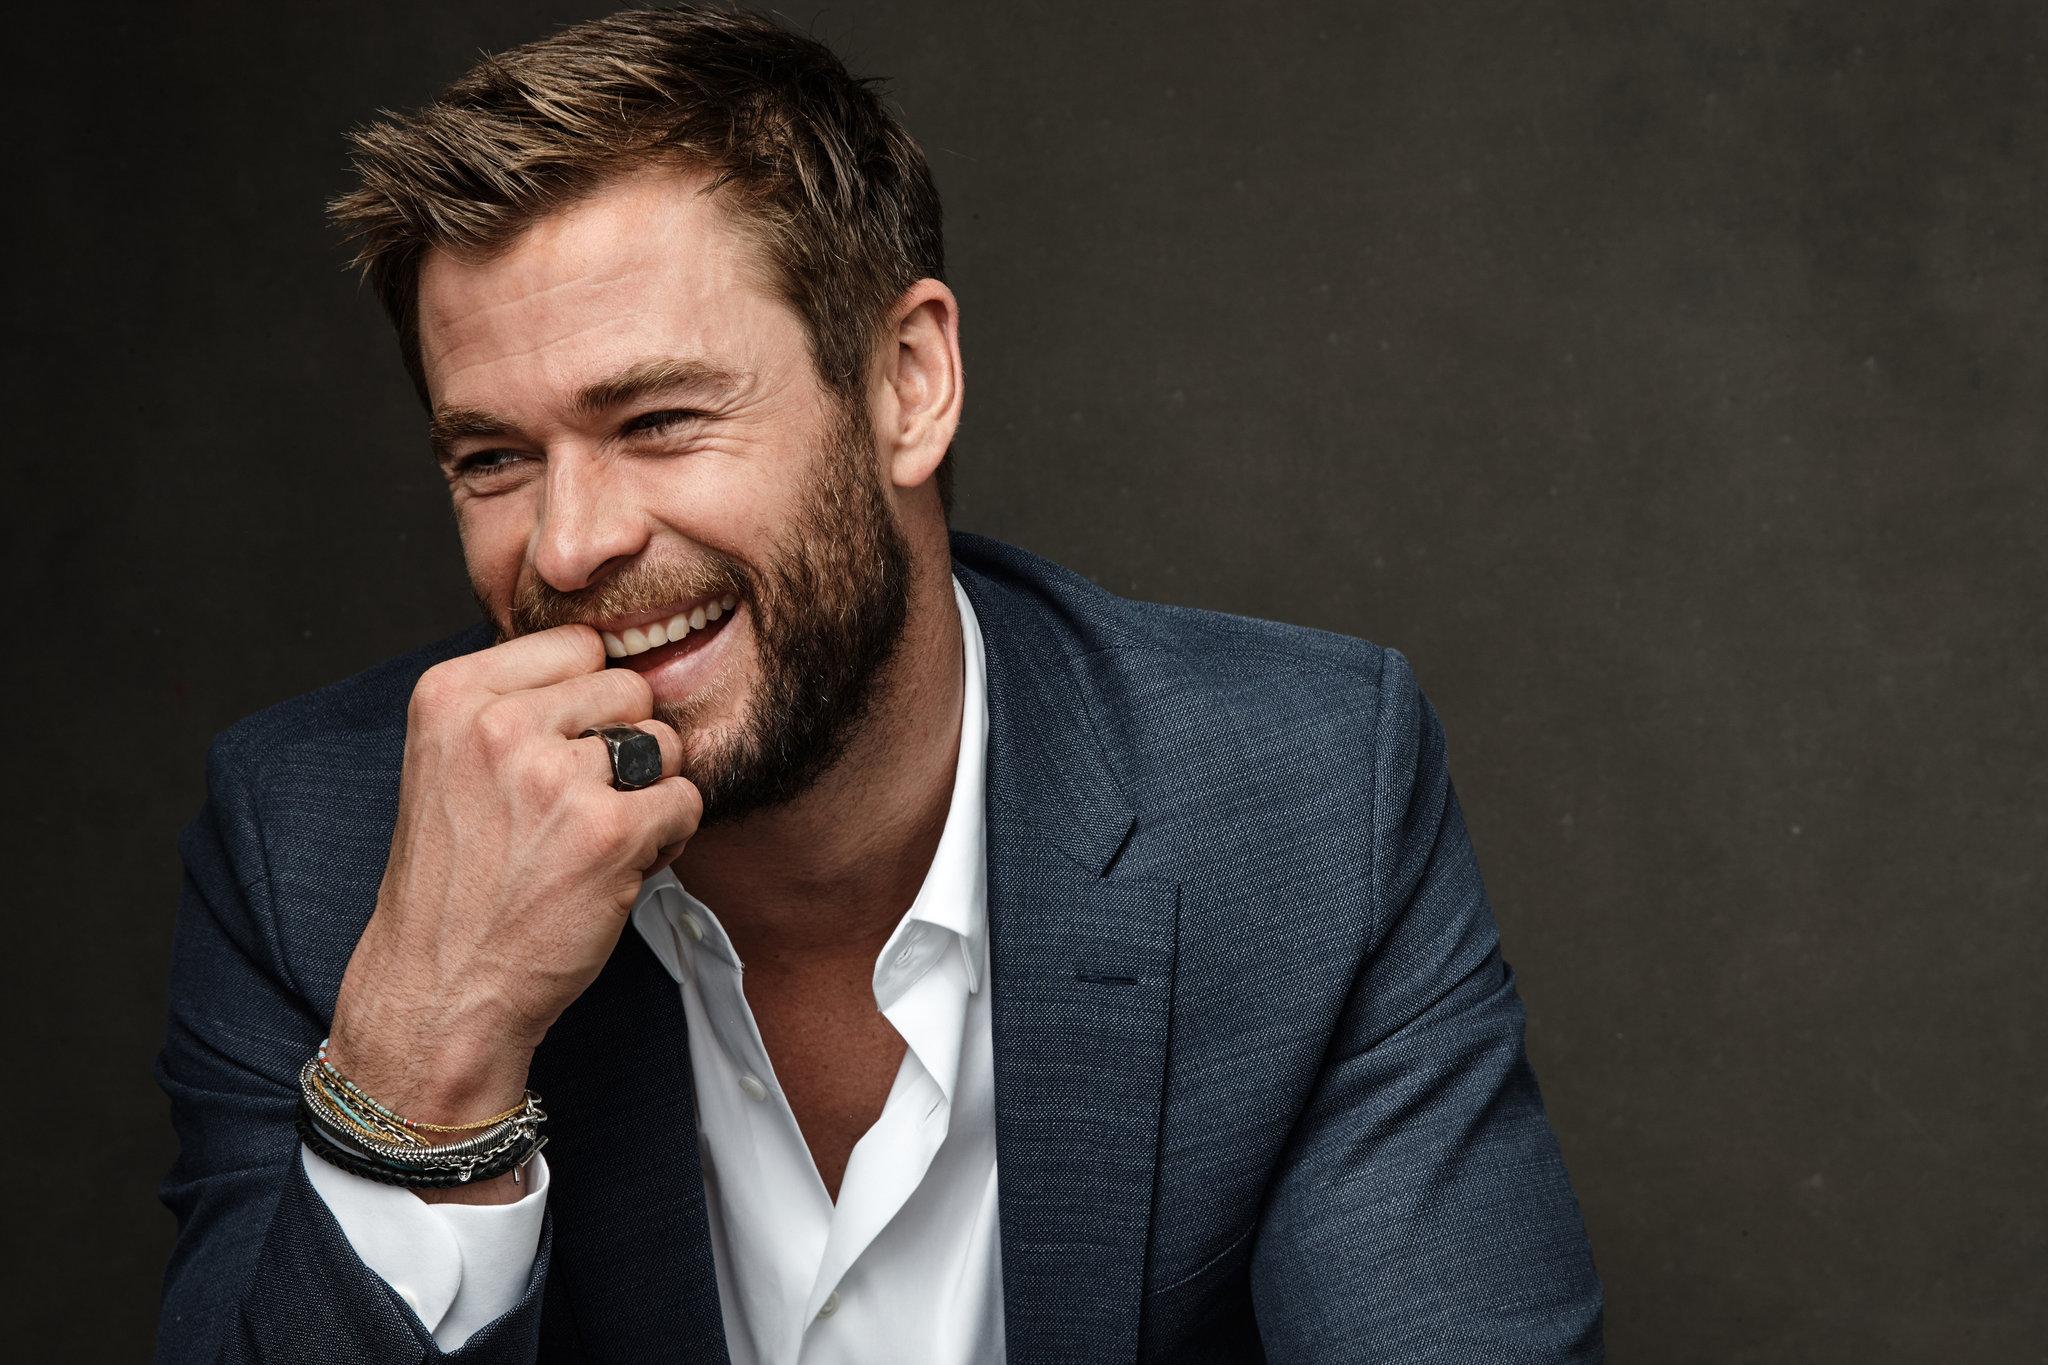 Chris Hemsworth, Avustralya Evlilik Eşitliği İçin Mücadele Ediyor!